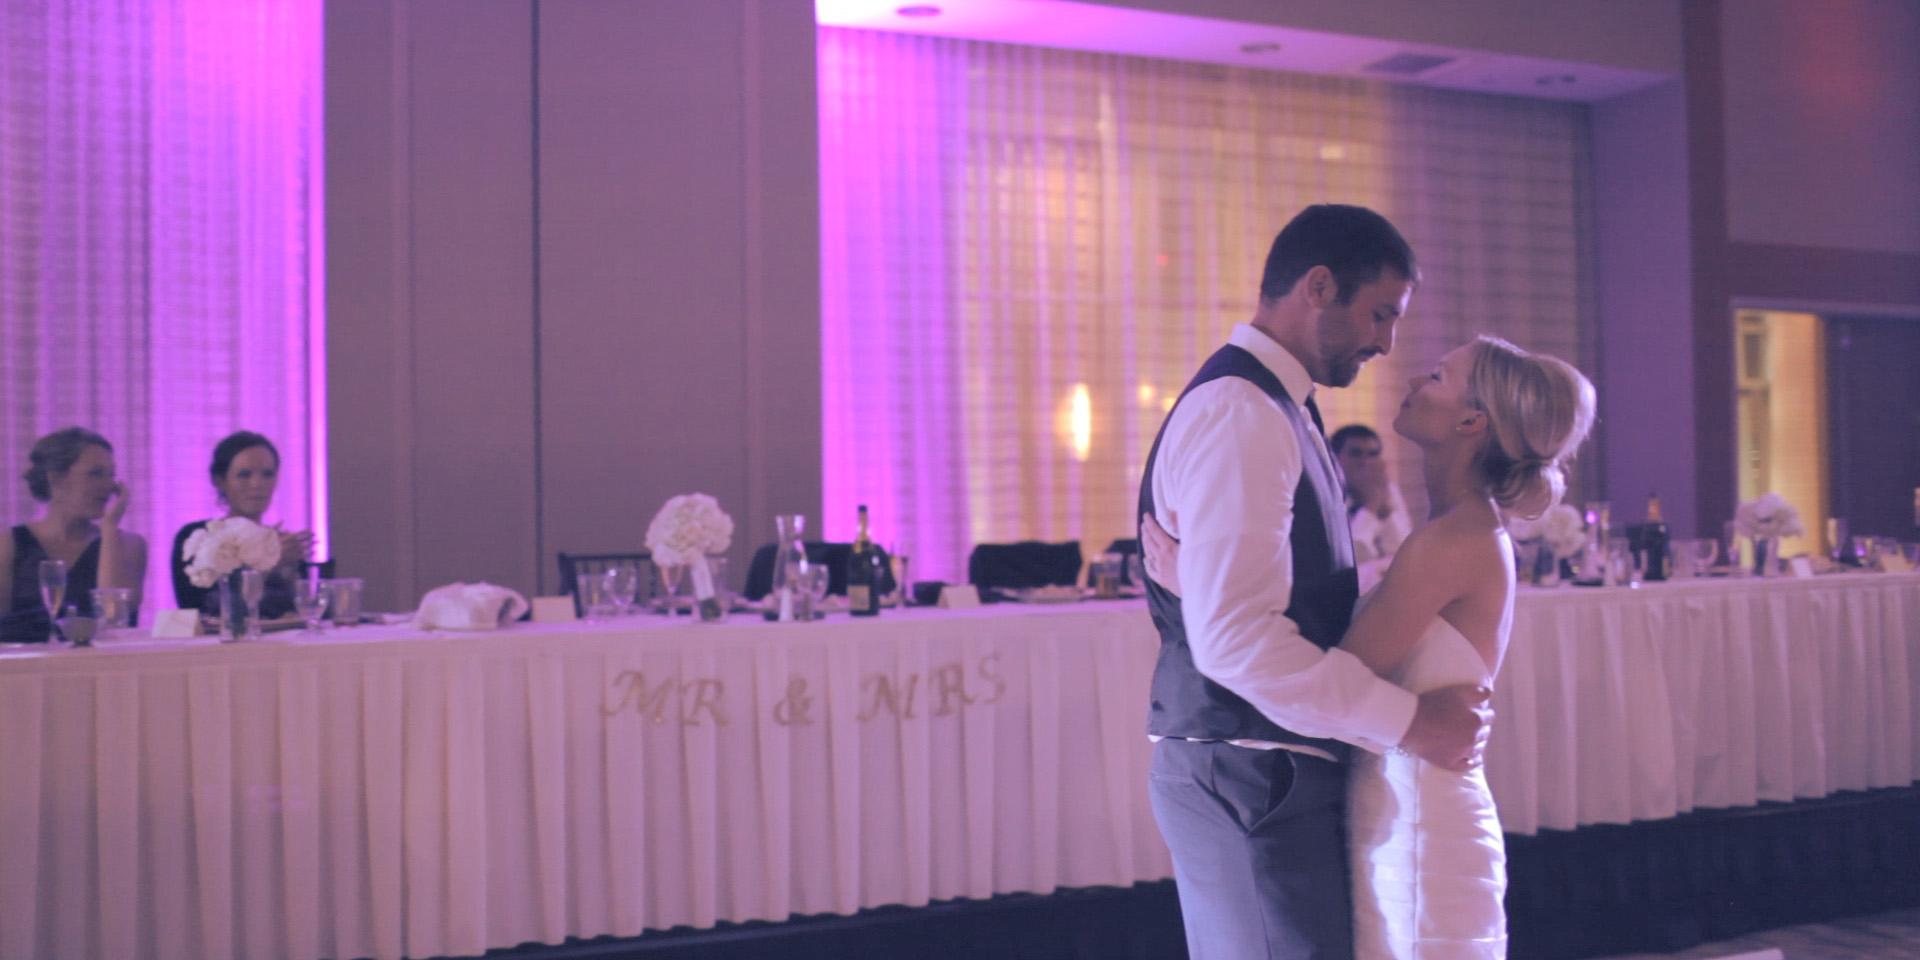 wedding story.00_12_14_13.Still011.jpg